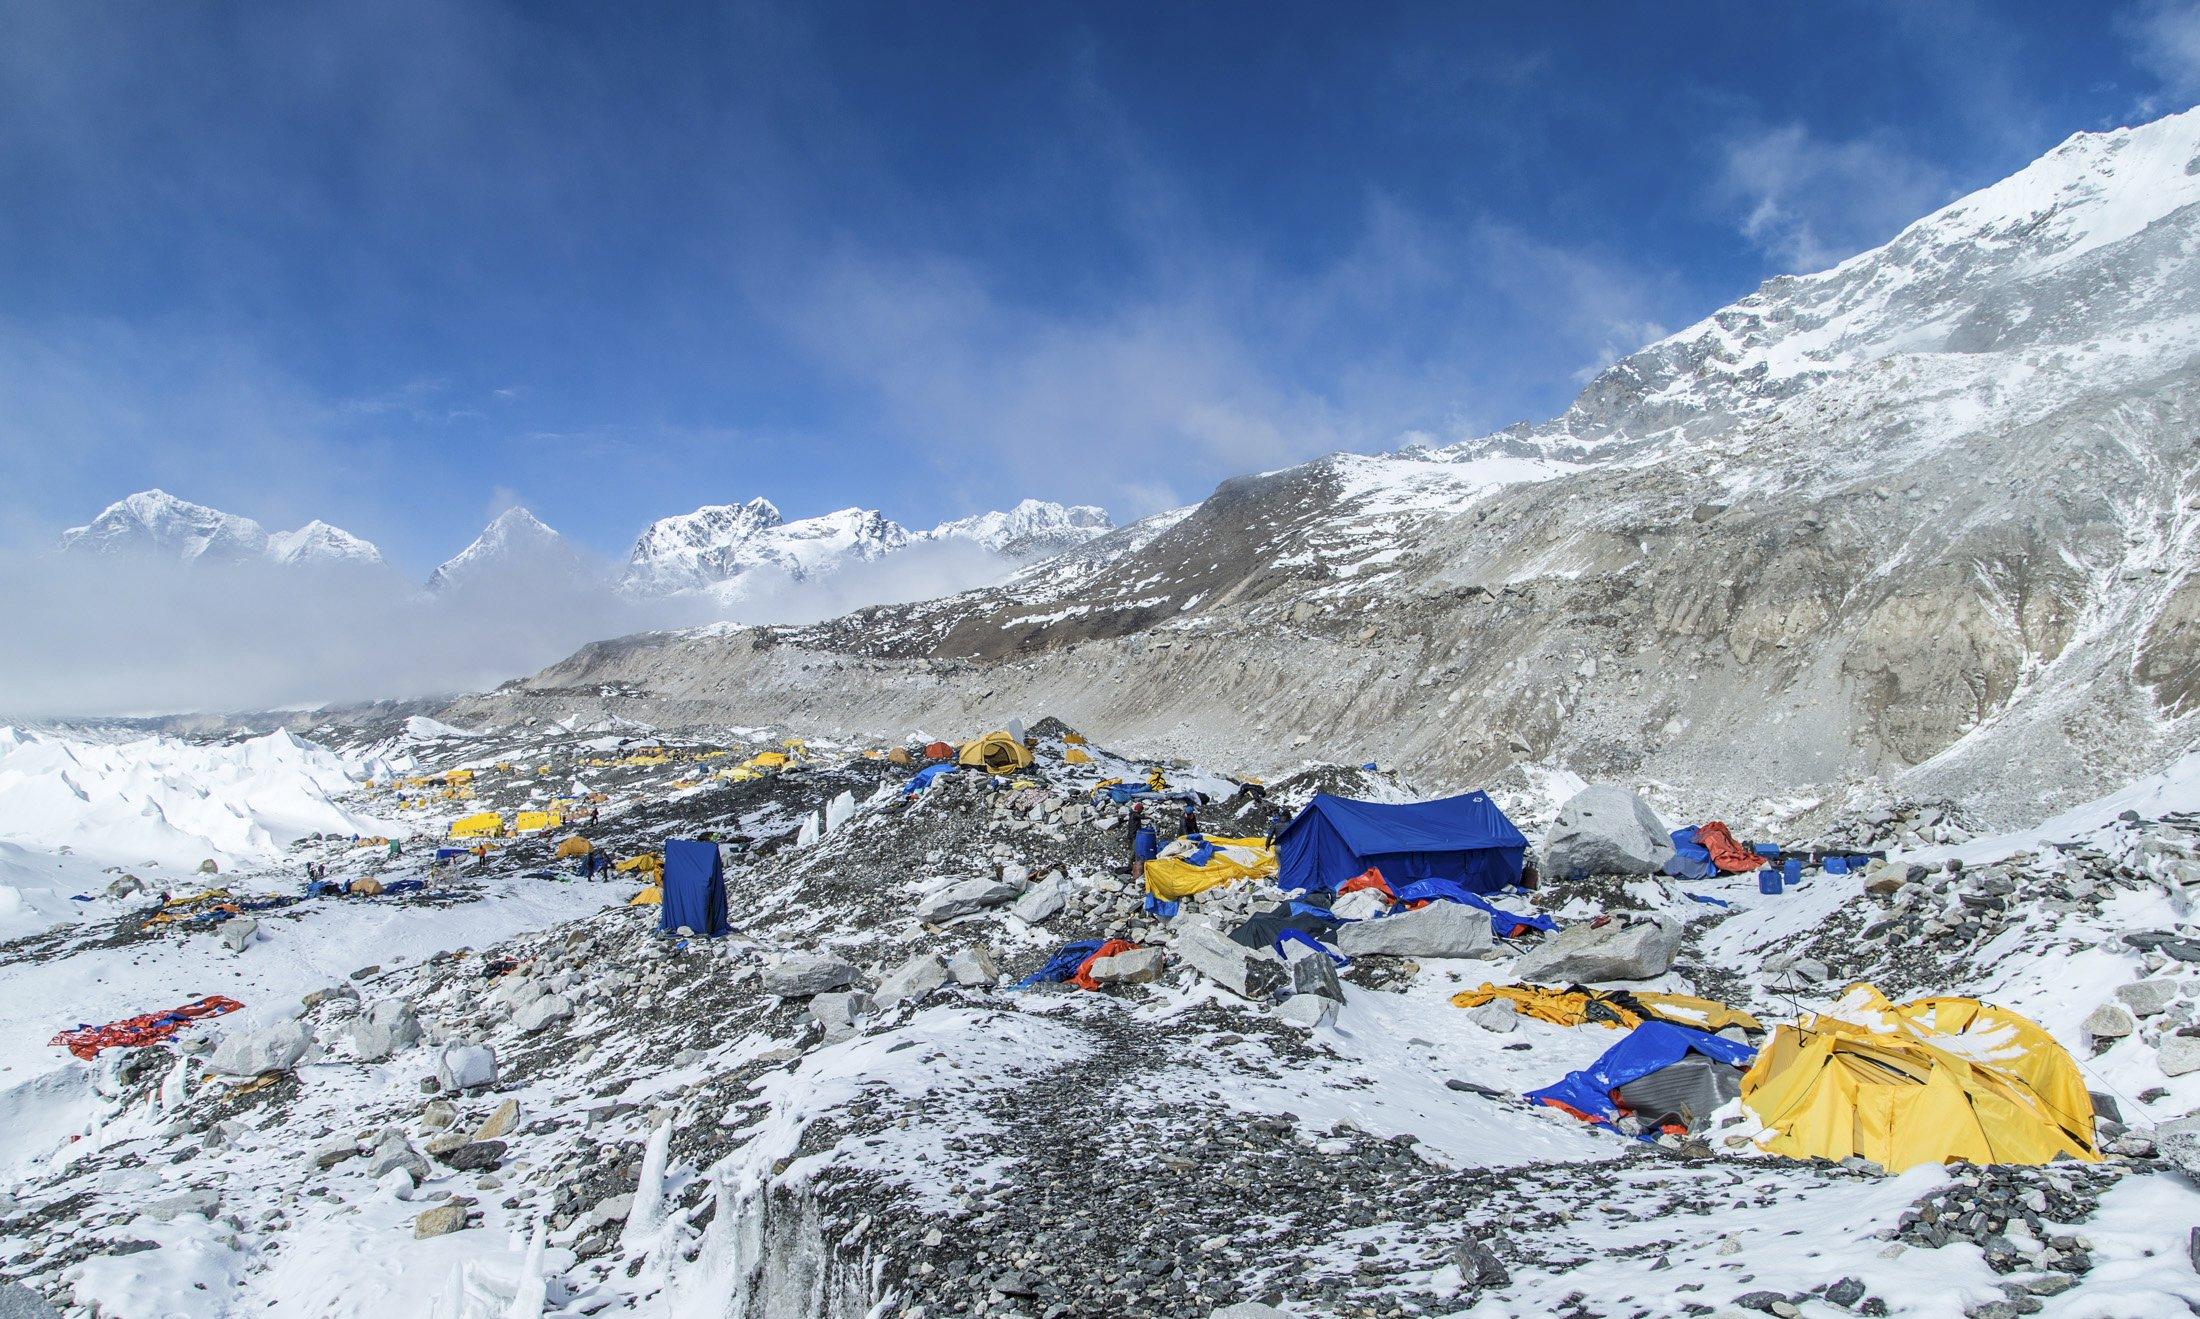 Mount Everest, alpinizam, alpinisti, penjanje, Foto Reuters